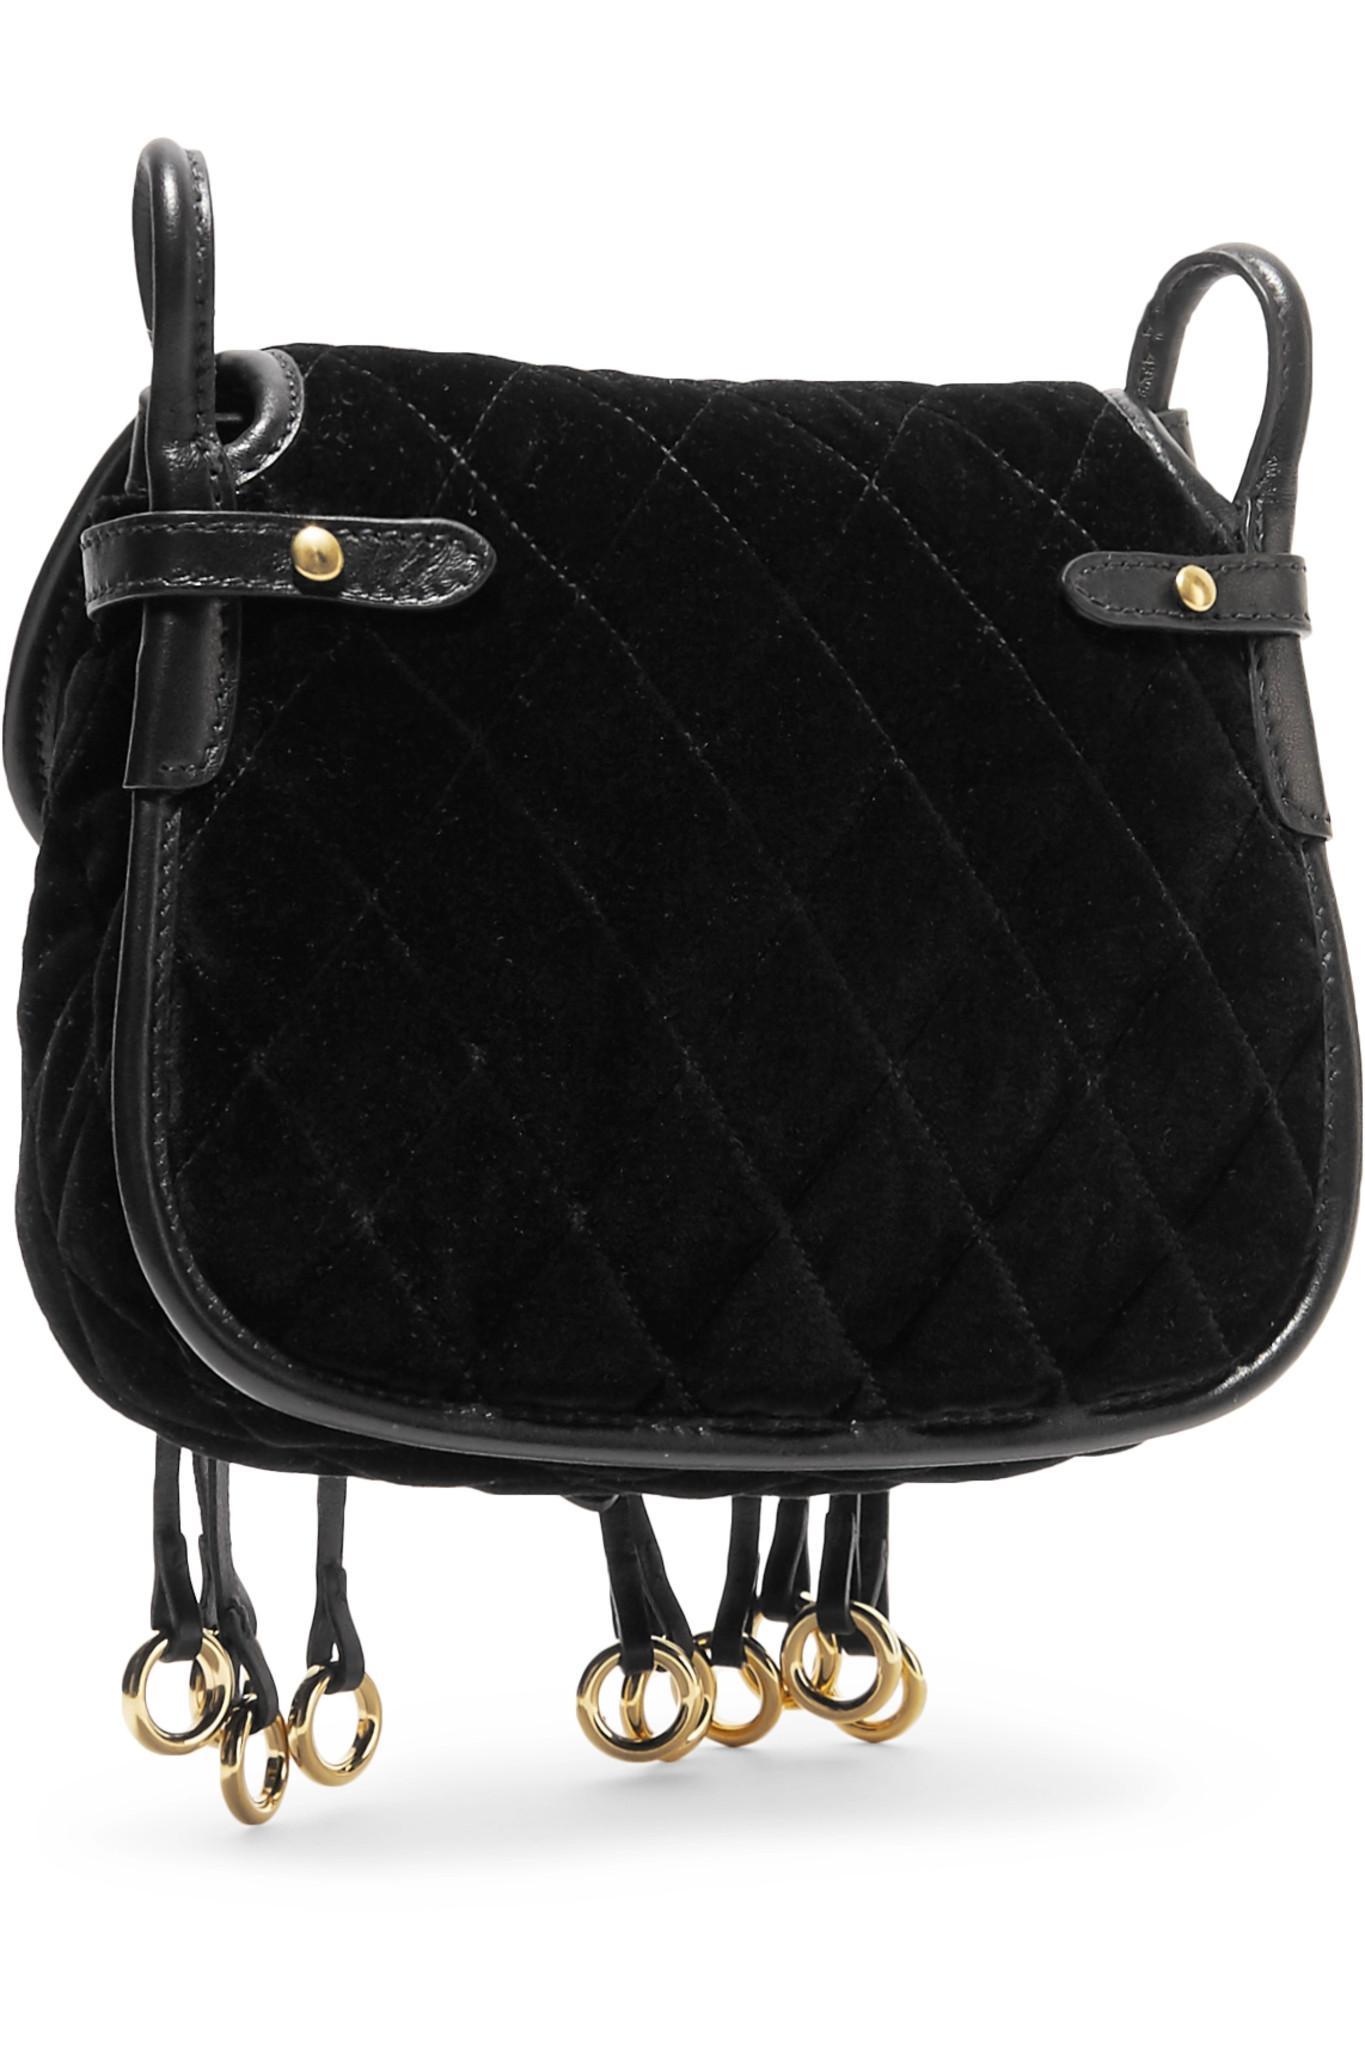 26159d5b2ea0 ... buy lyst prada messenger leather trimmed quilted velvet shoulder bag  8d64e 23a3e